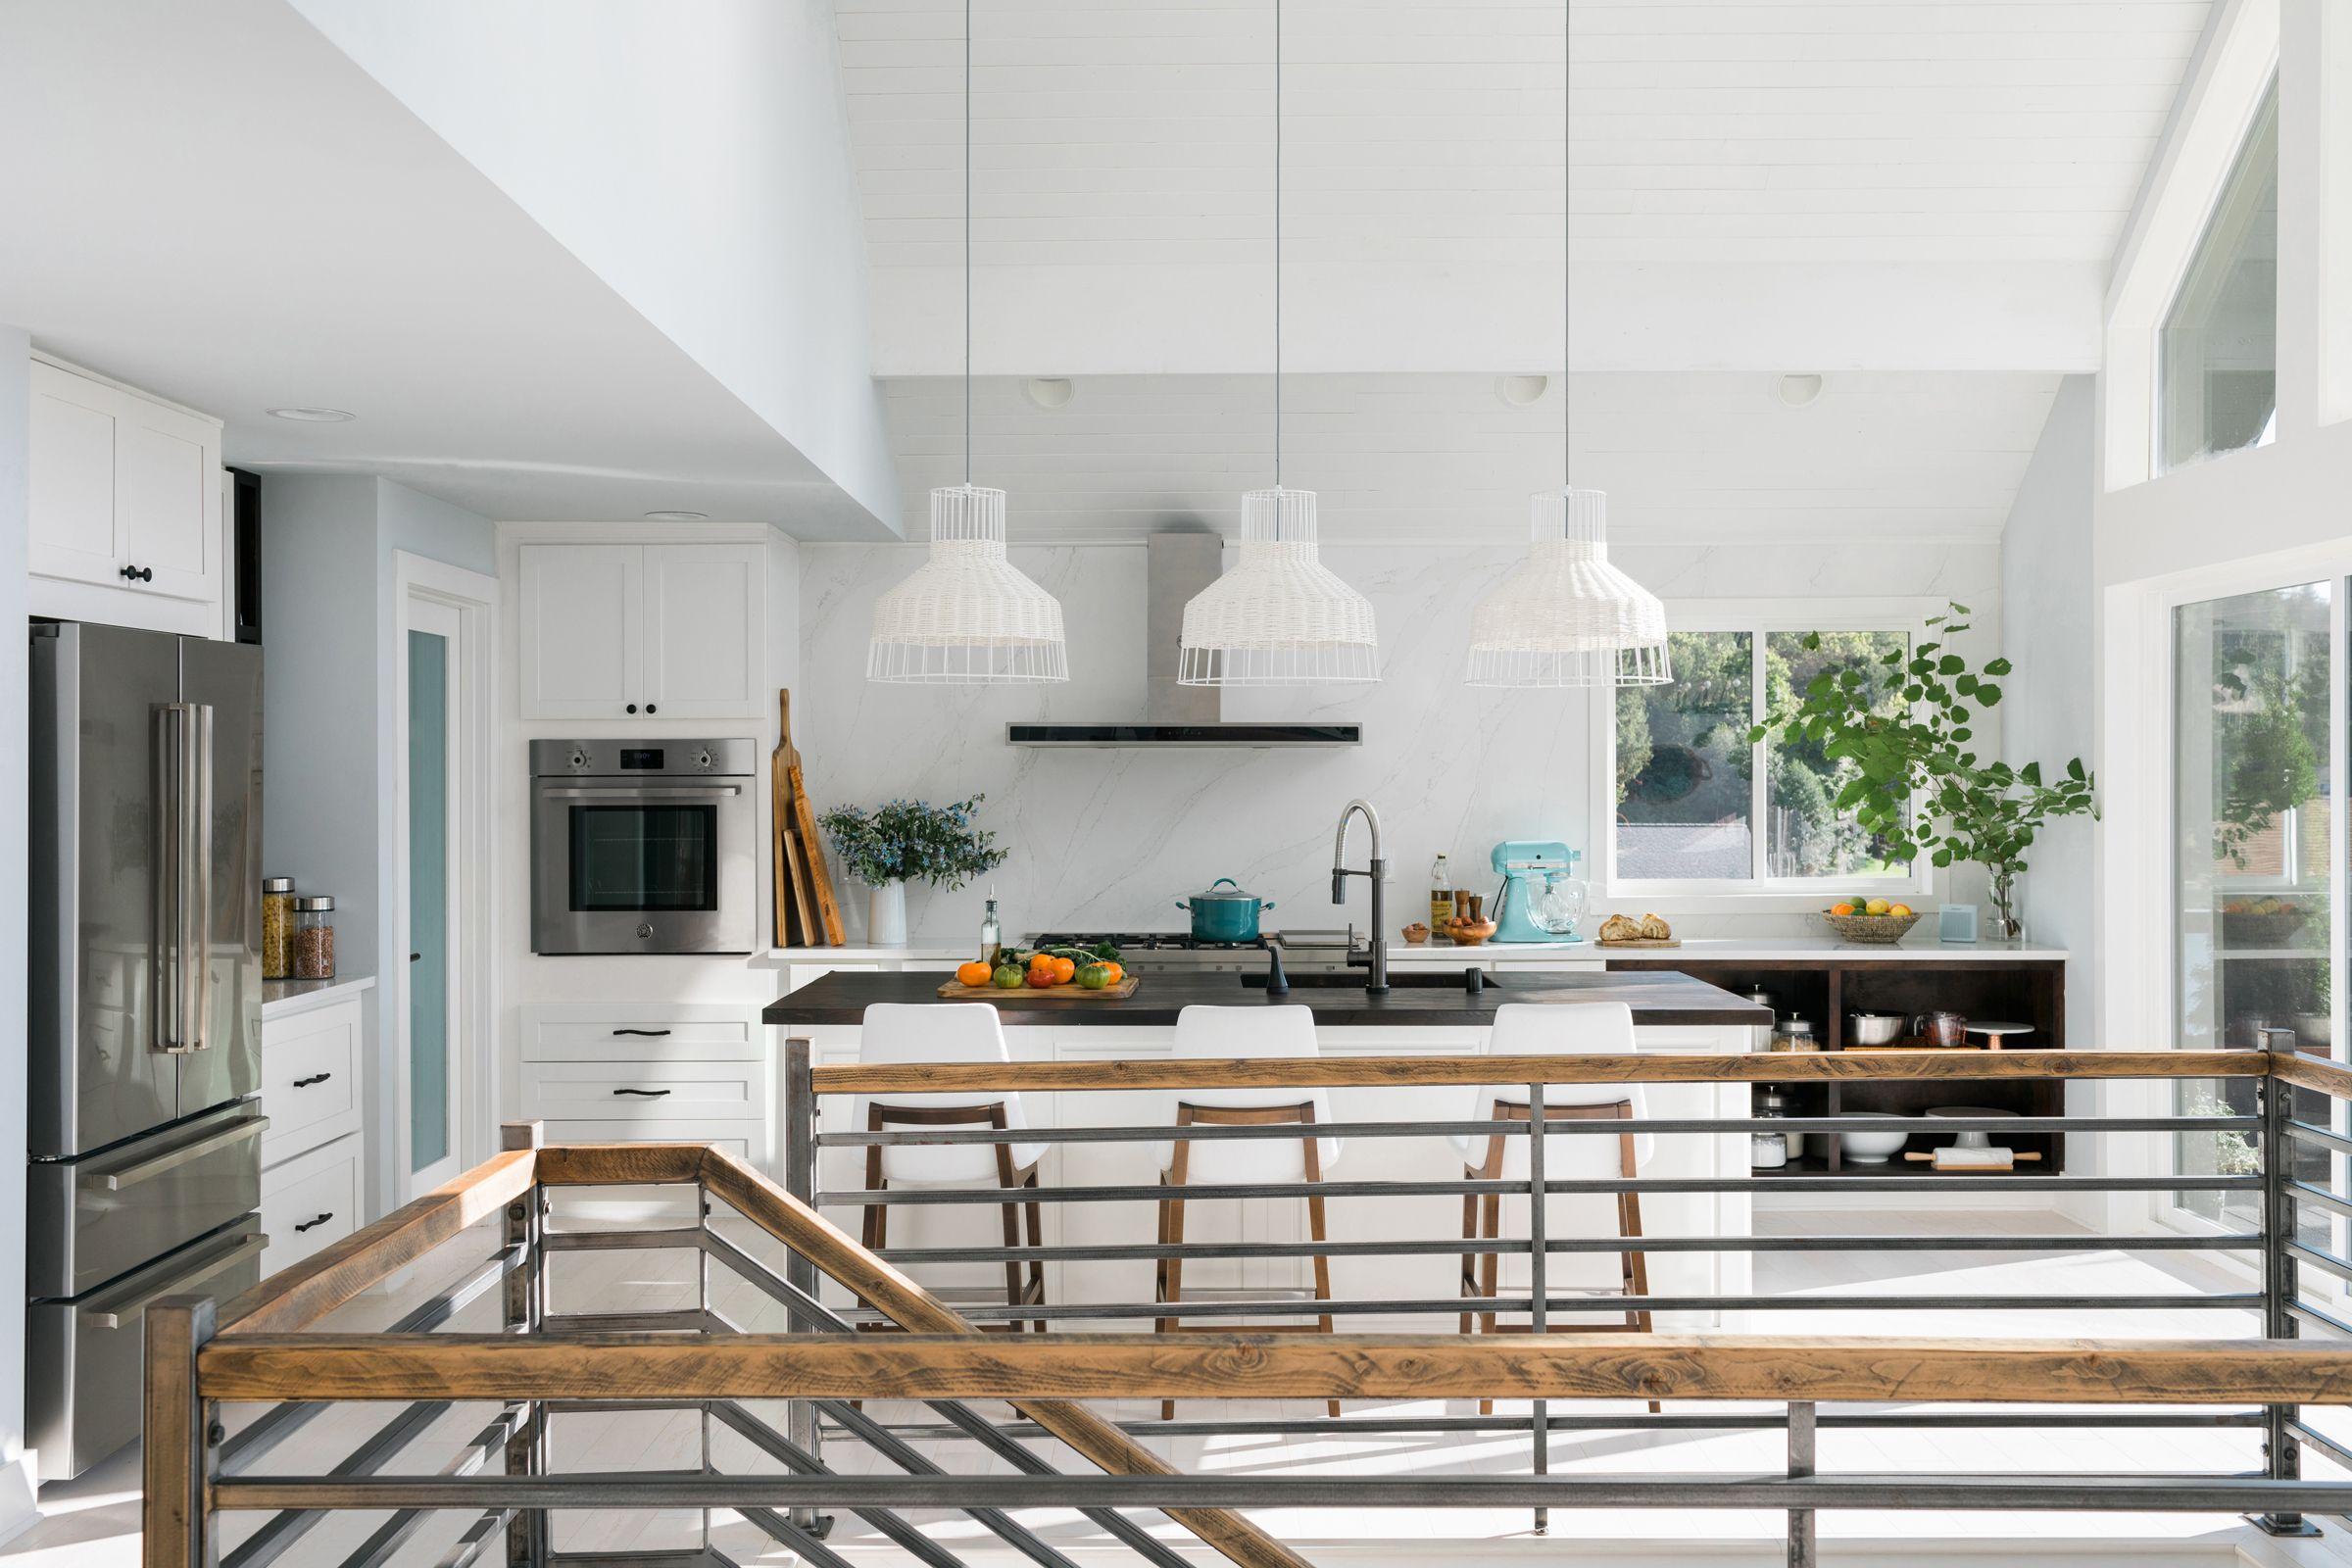 2018 Hgtv Dream Home Kitchen